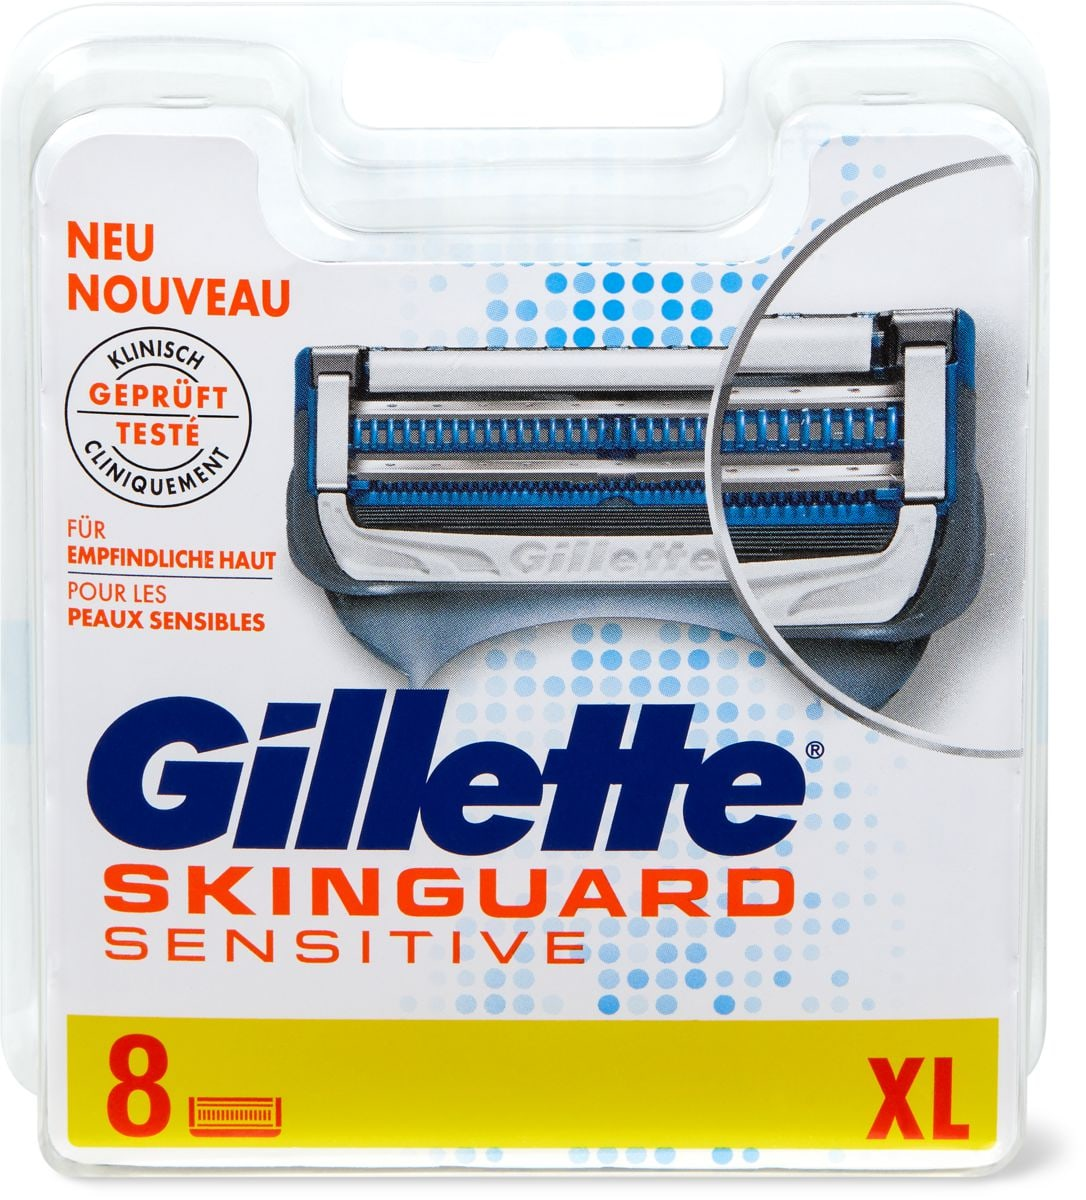 Gillette Skinguard Sensitive Klingen